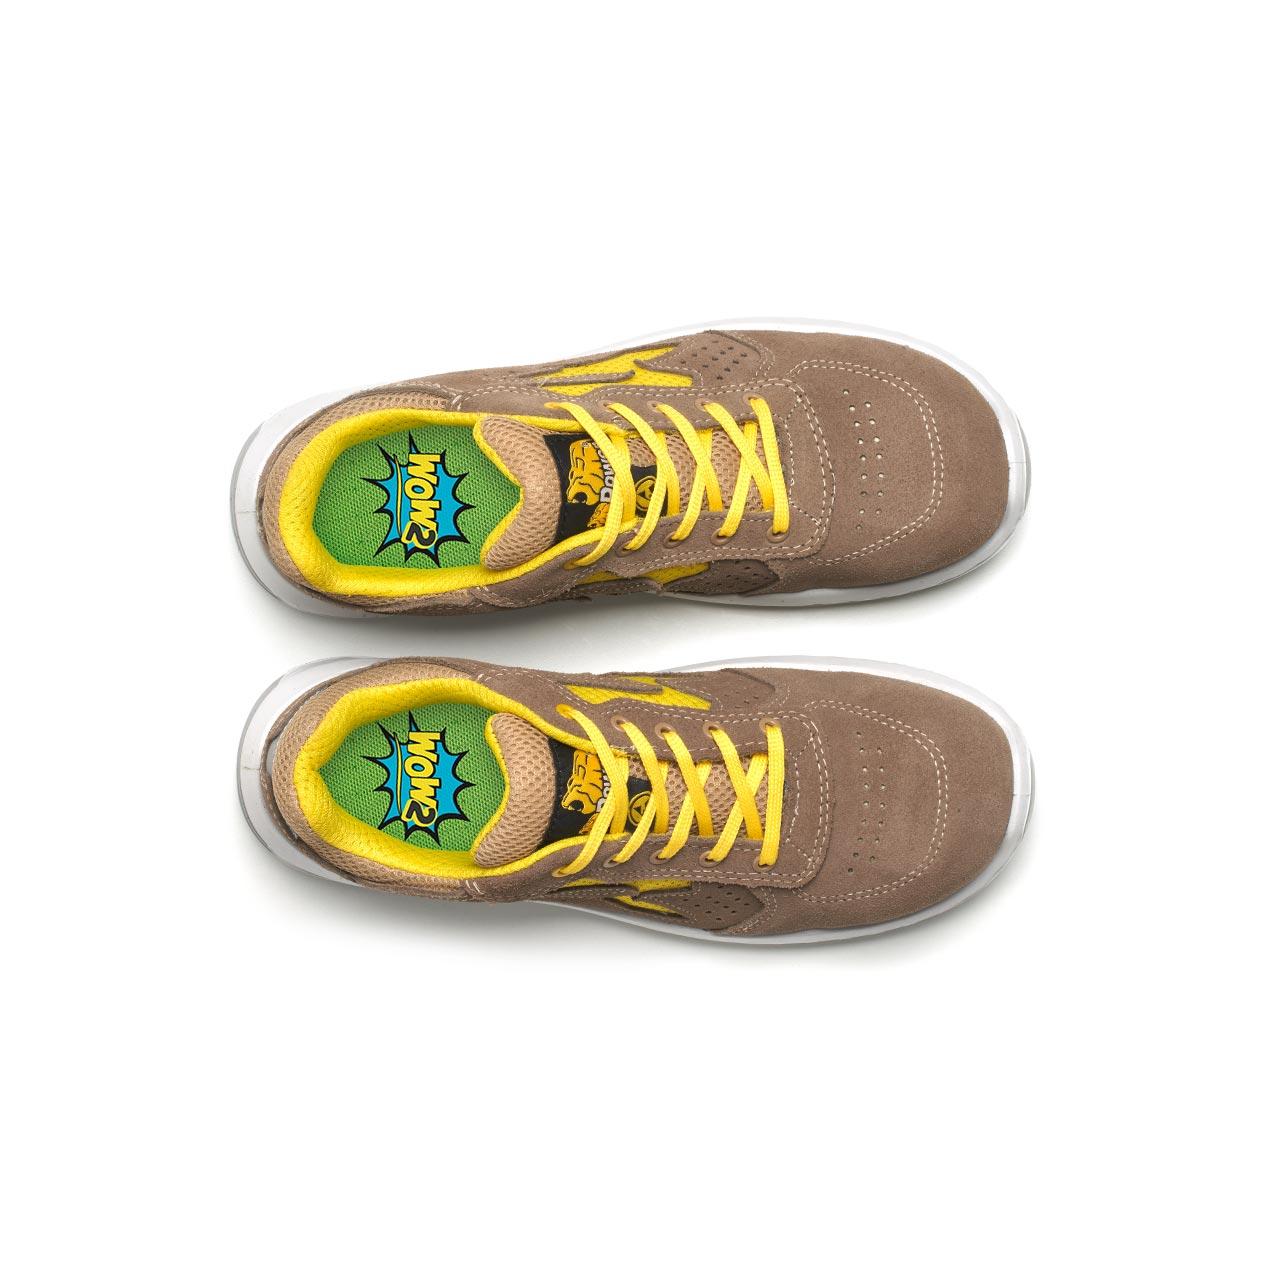 paio di scarpe antinfortunistiche upower modello reflex linea redindustry vista top